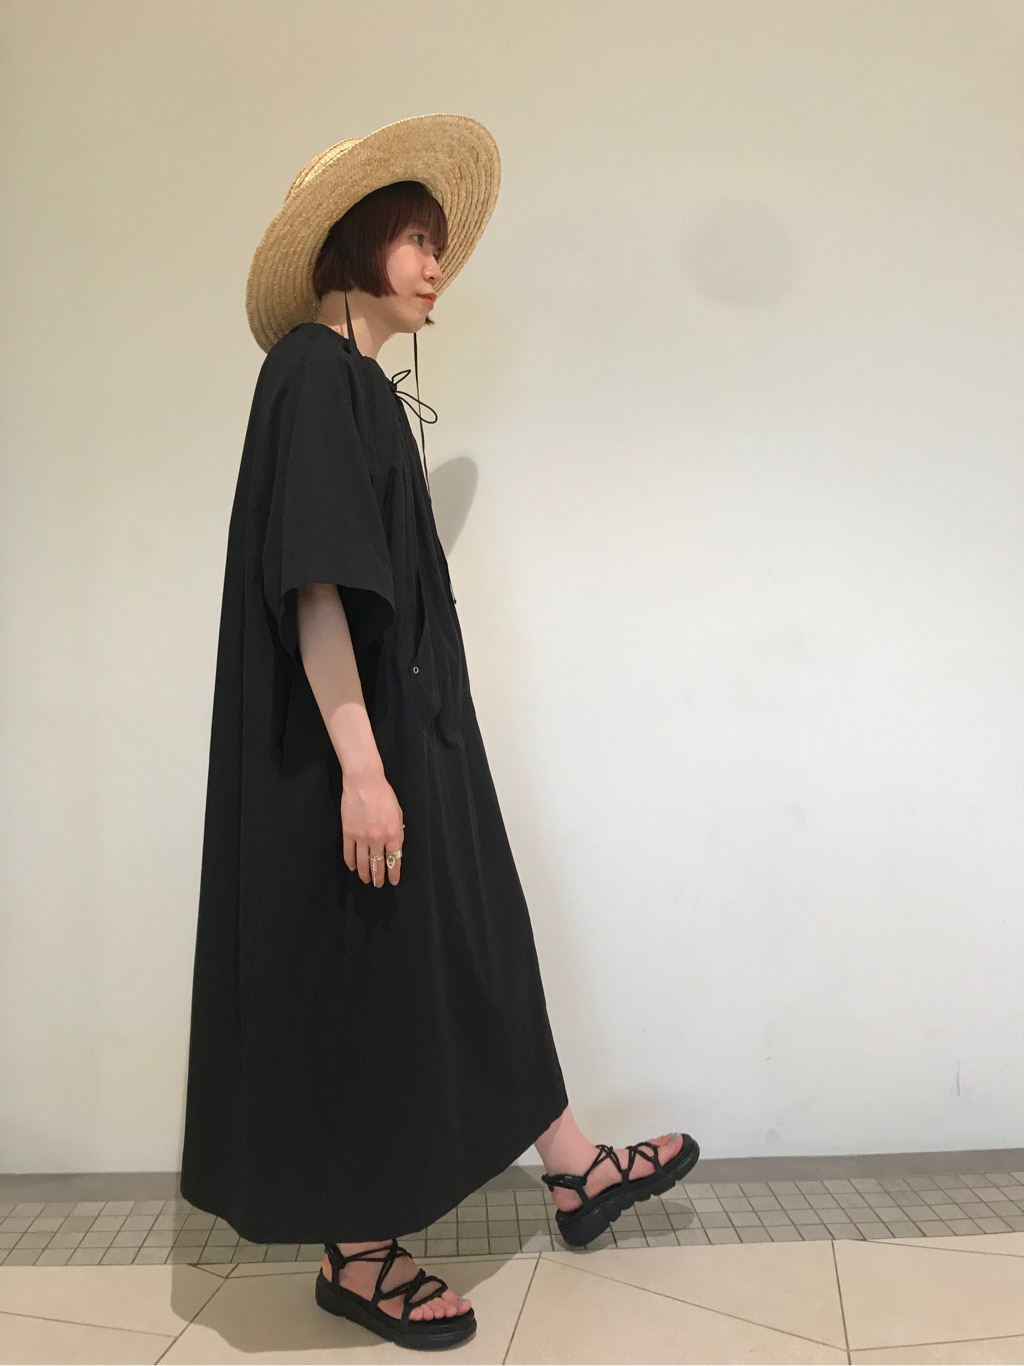 l'atelier du savon 東京スカイツリータウン・ソラマチ 身長:162cm 2020.07.03